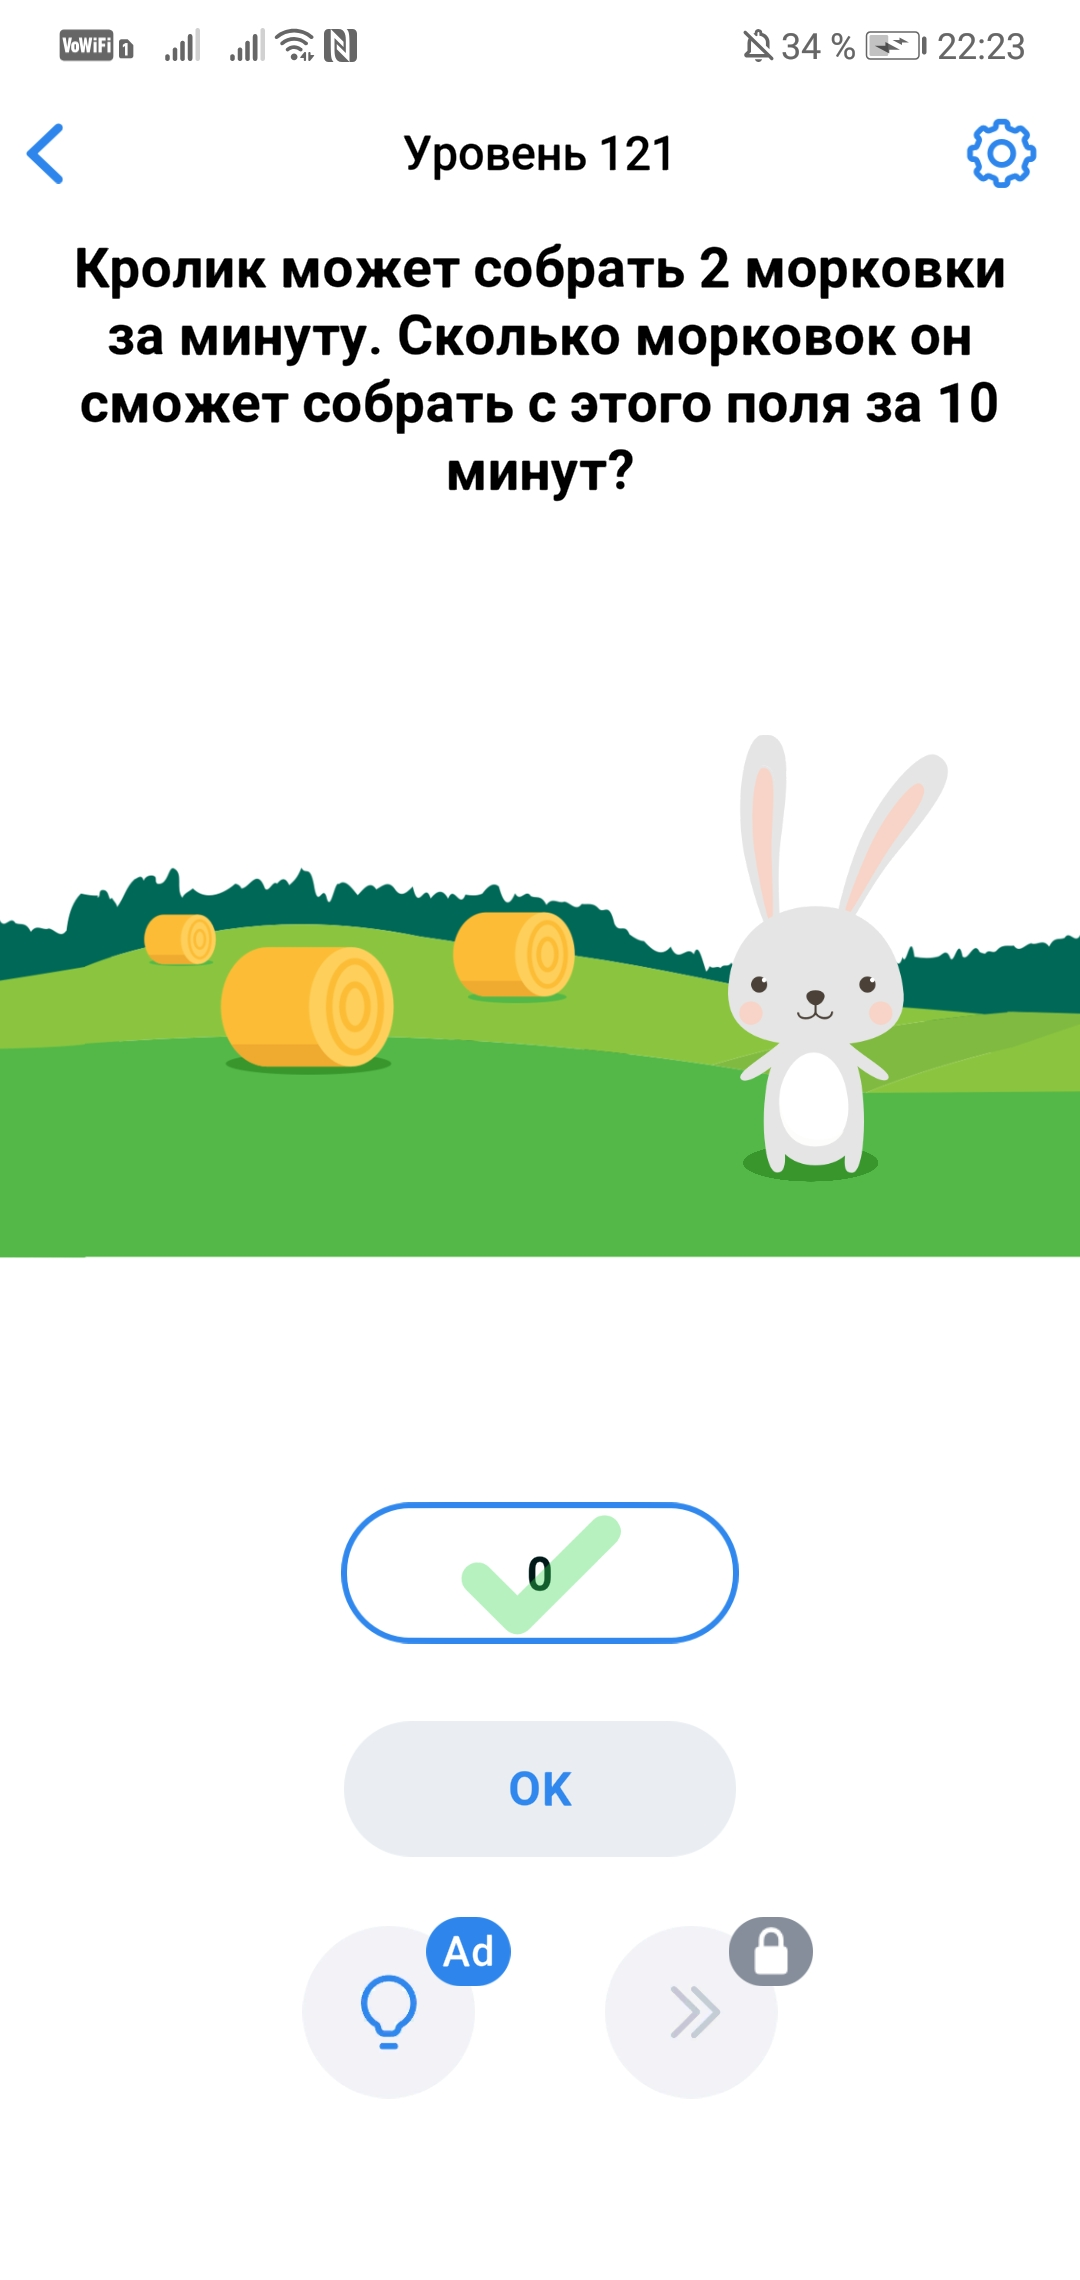 Easy Game - 121 уровень - Кролик может собрать 2 морковки за минуту. Сколько морковок он сможет собрать с этого поля за 10 минут?